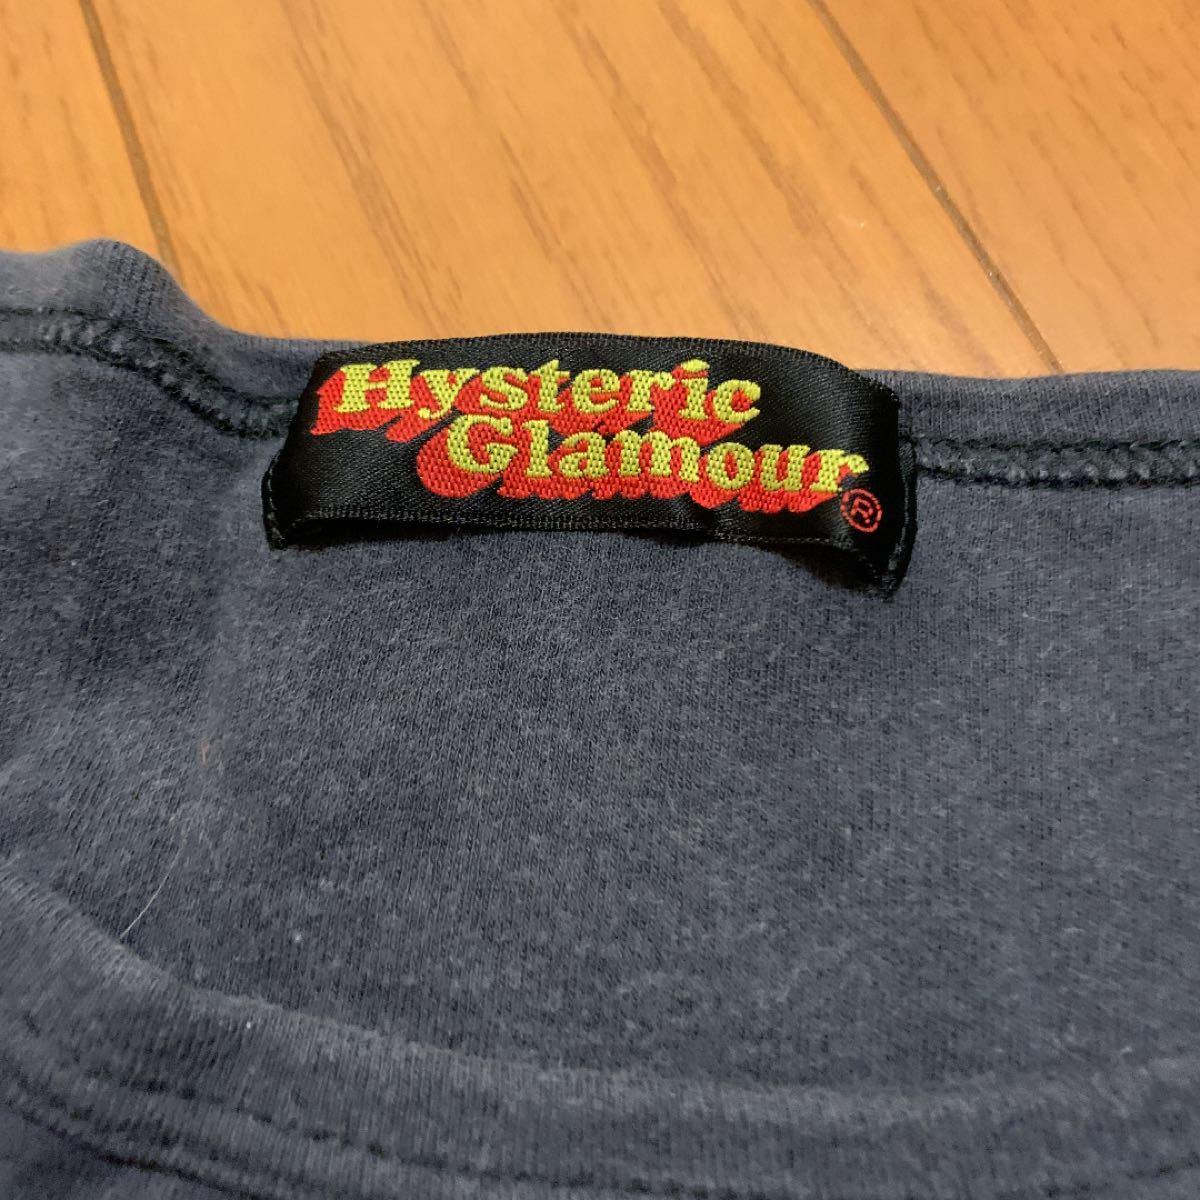 ヒステリックグラマー レディース半袖Tシャツ